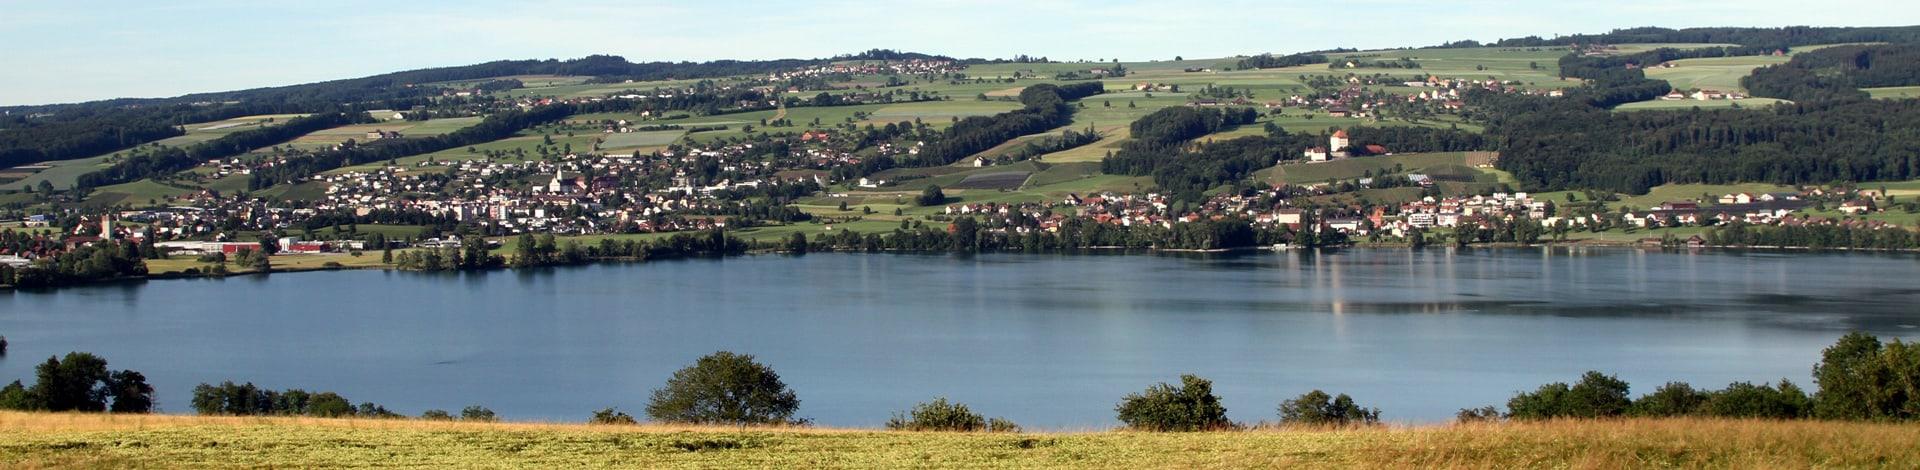 la région de Seetal et Rontal